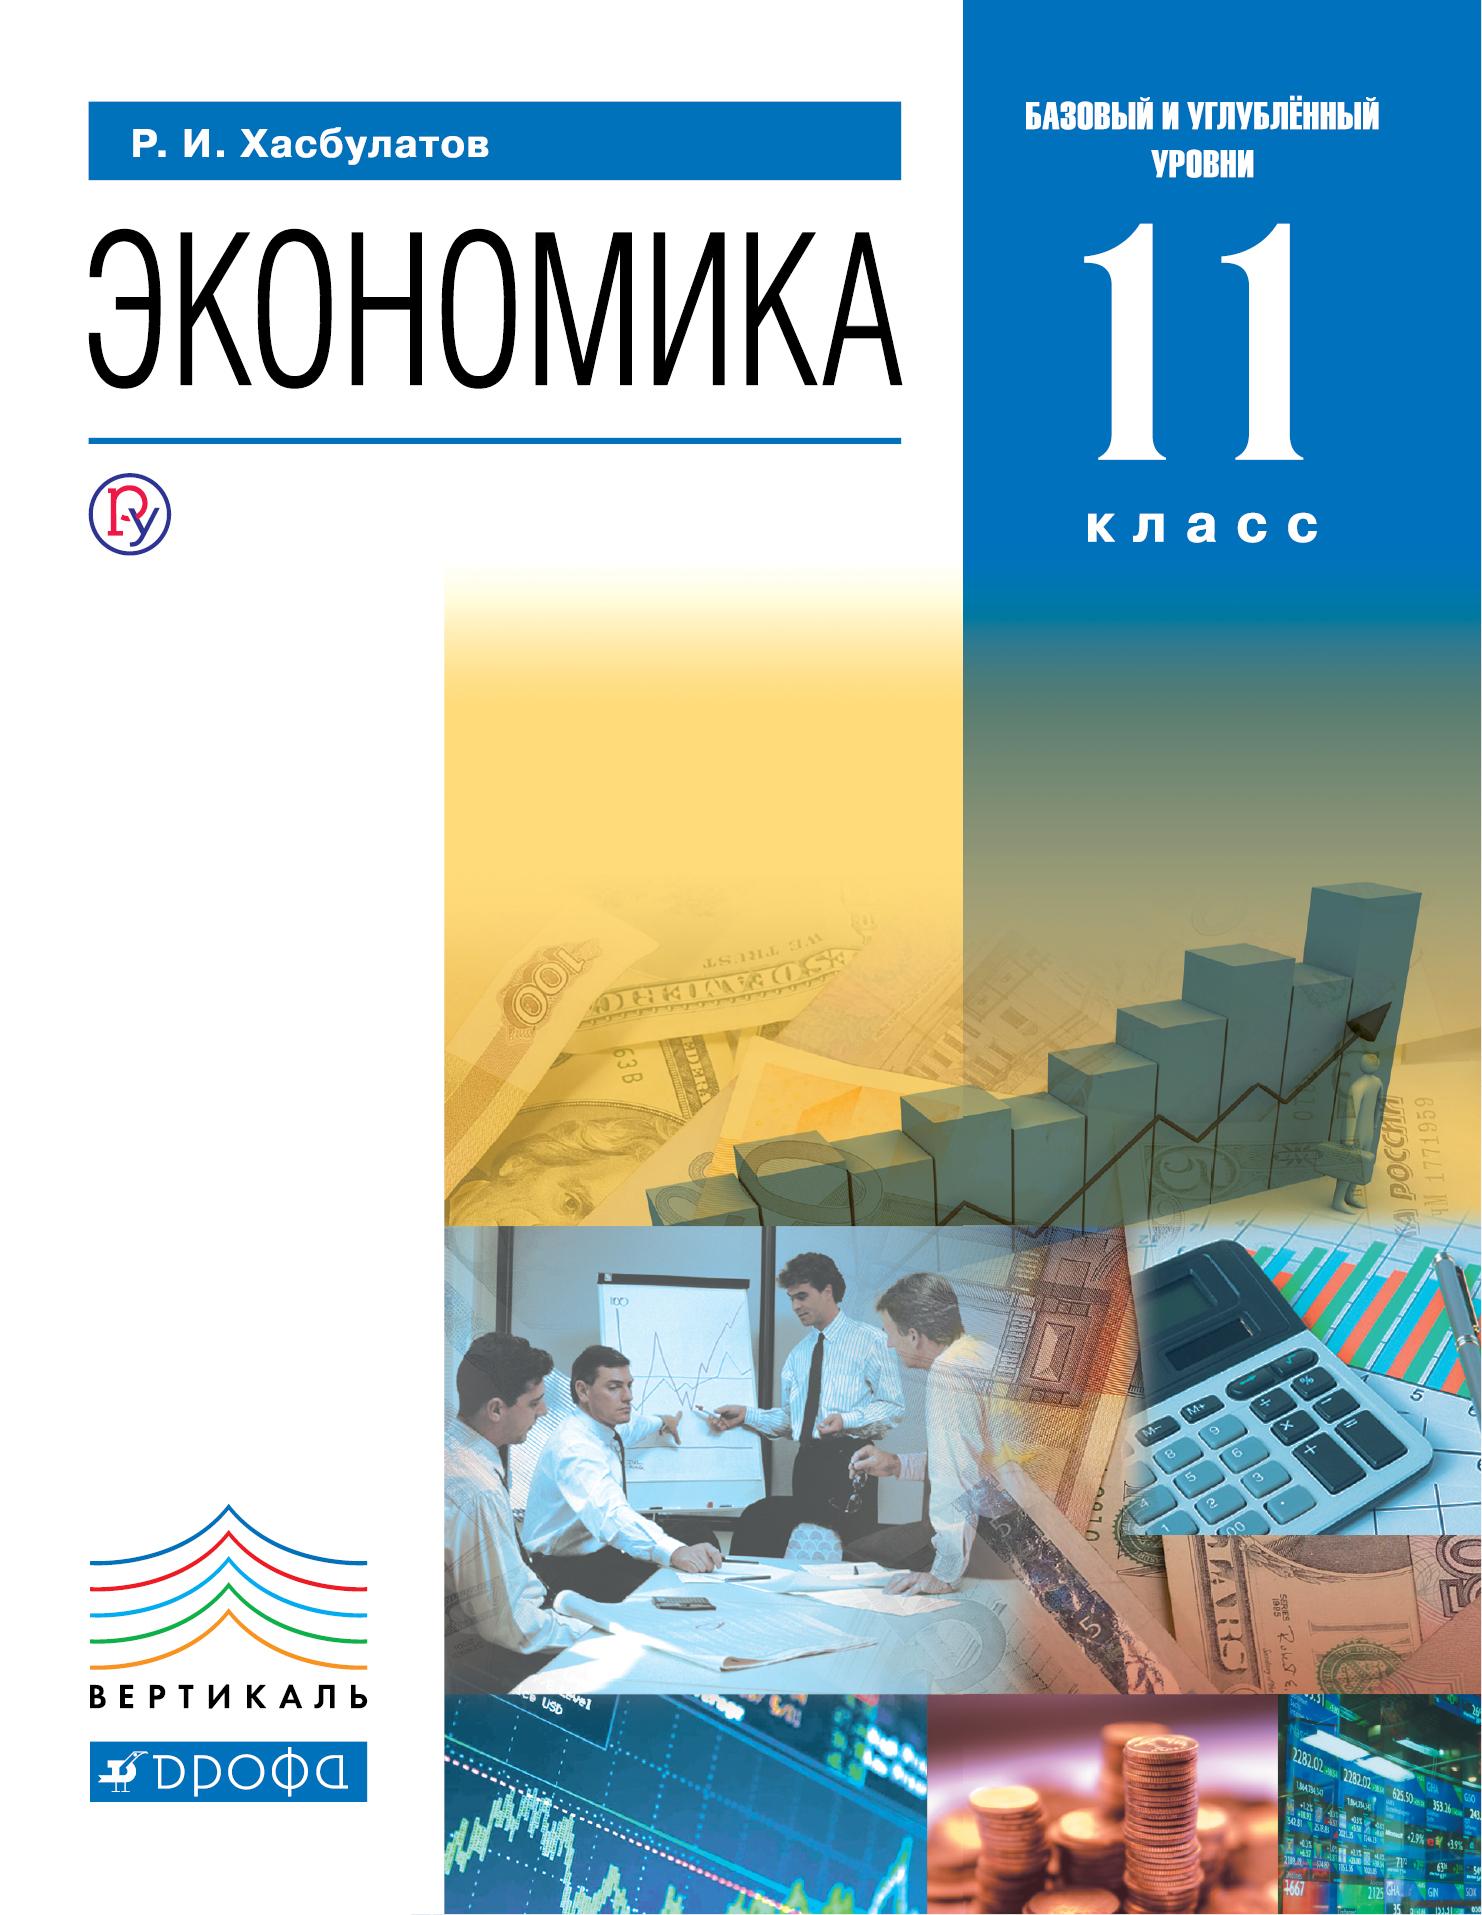 Экономика. 11 класс. (базовый и углубленный уровни). Учебник ( Хасбулатов Р.И.  )